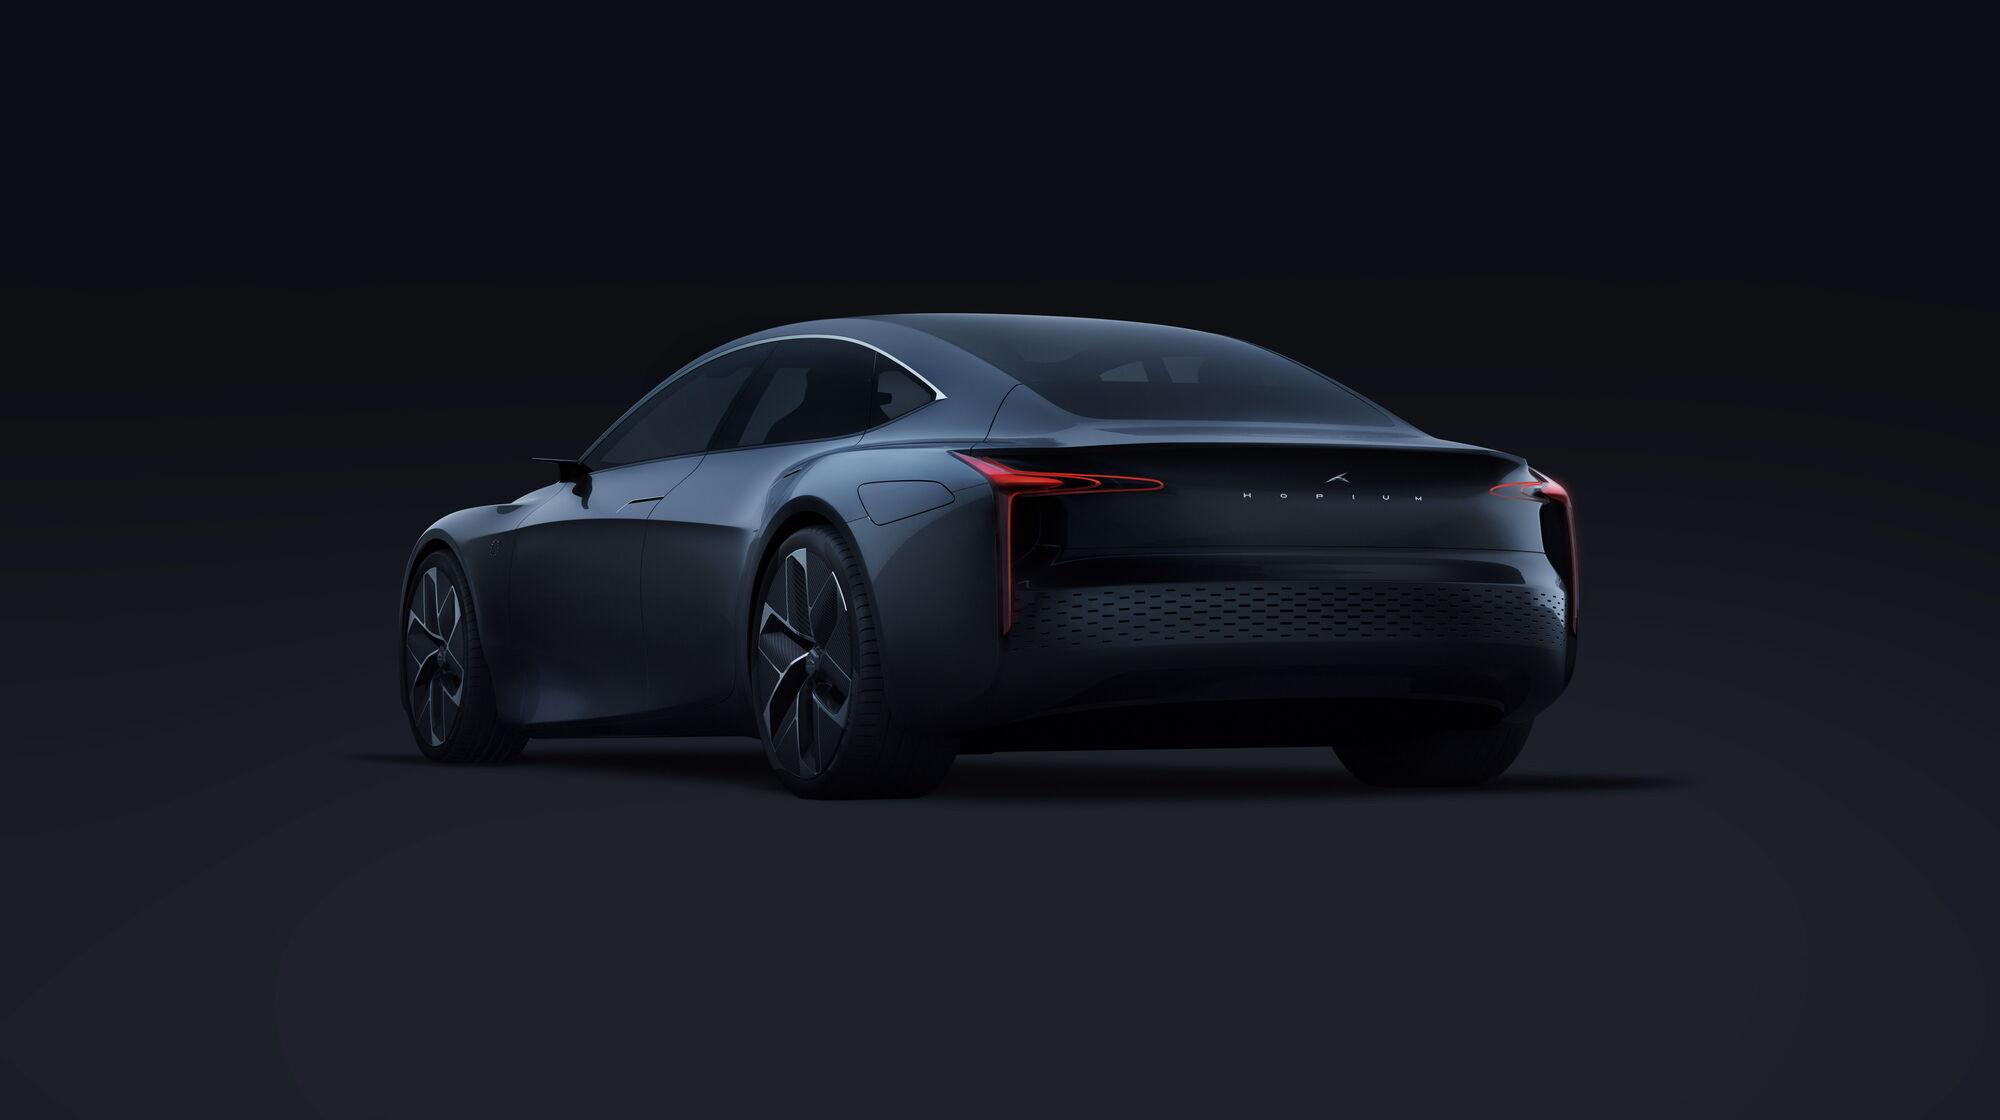 Максимальная скорость серийной модели будет не менее 230 км/ч